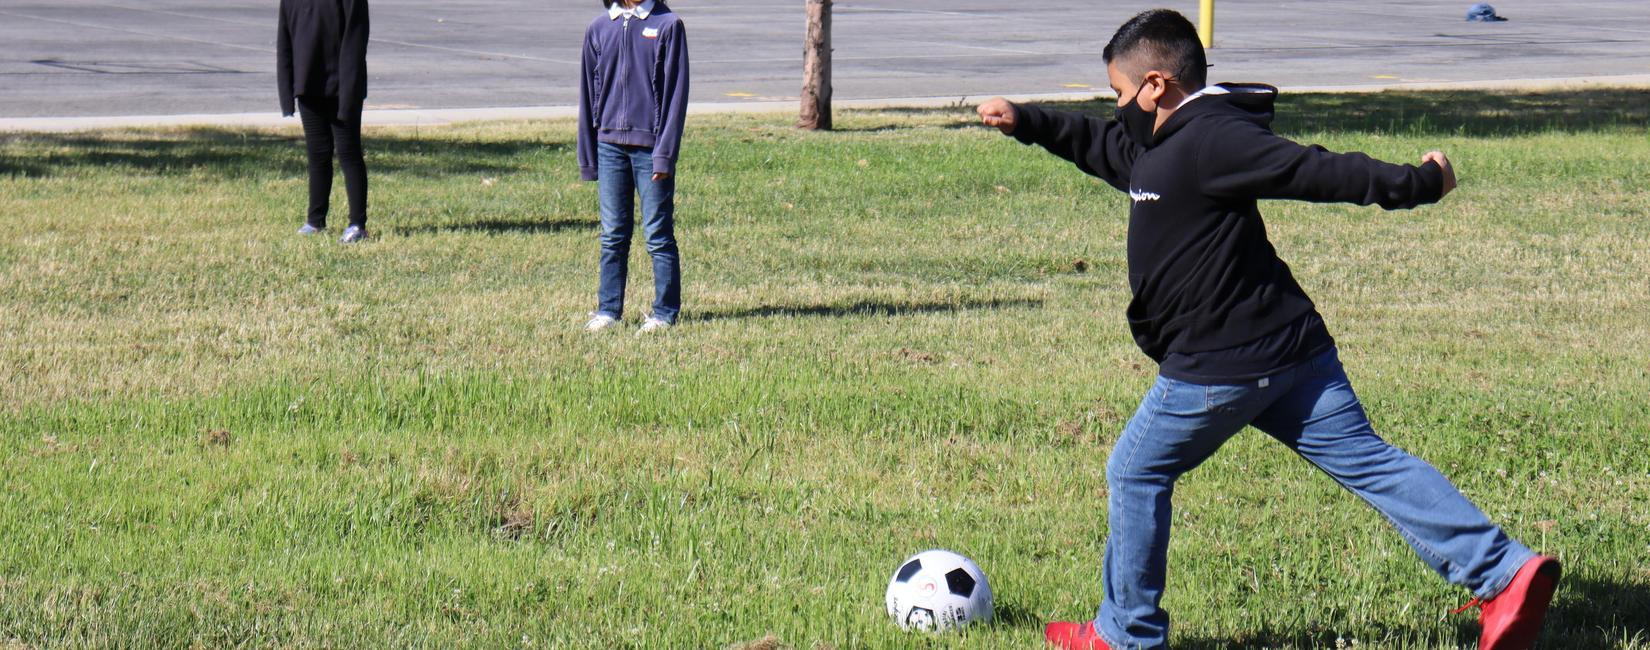 Photo: students playing soccer at recess